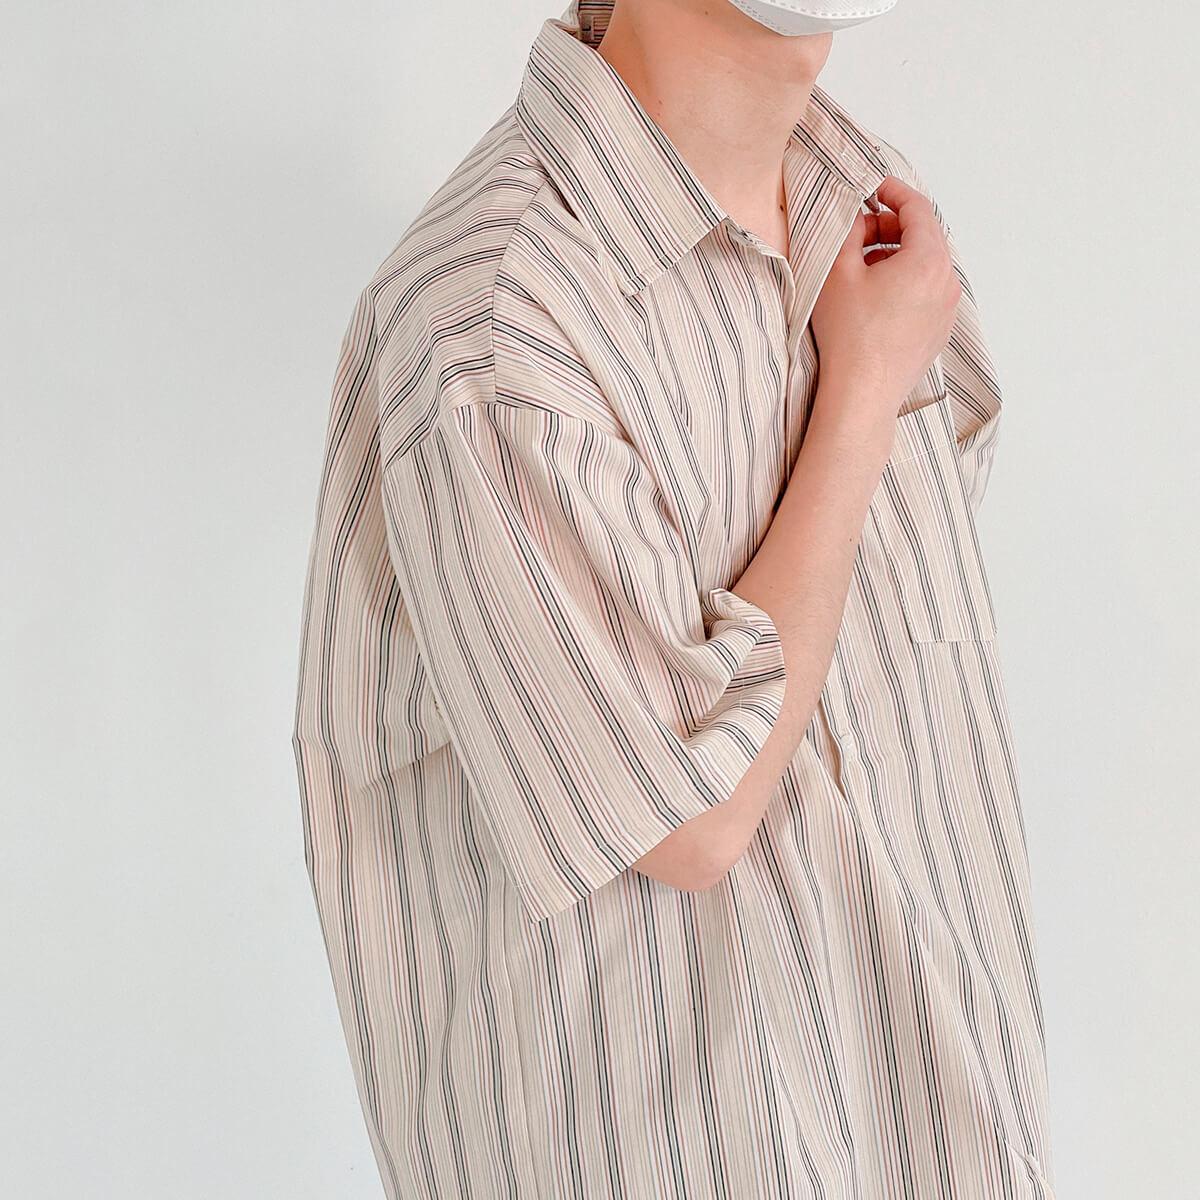 Рубашка DAZO Studio Retro Shirt Vertical Stripes (2)